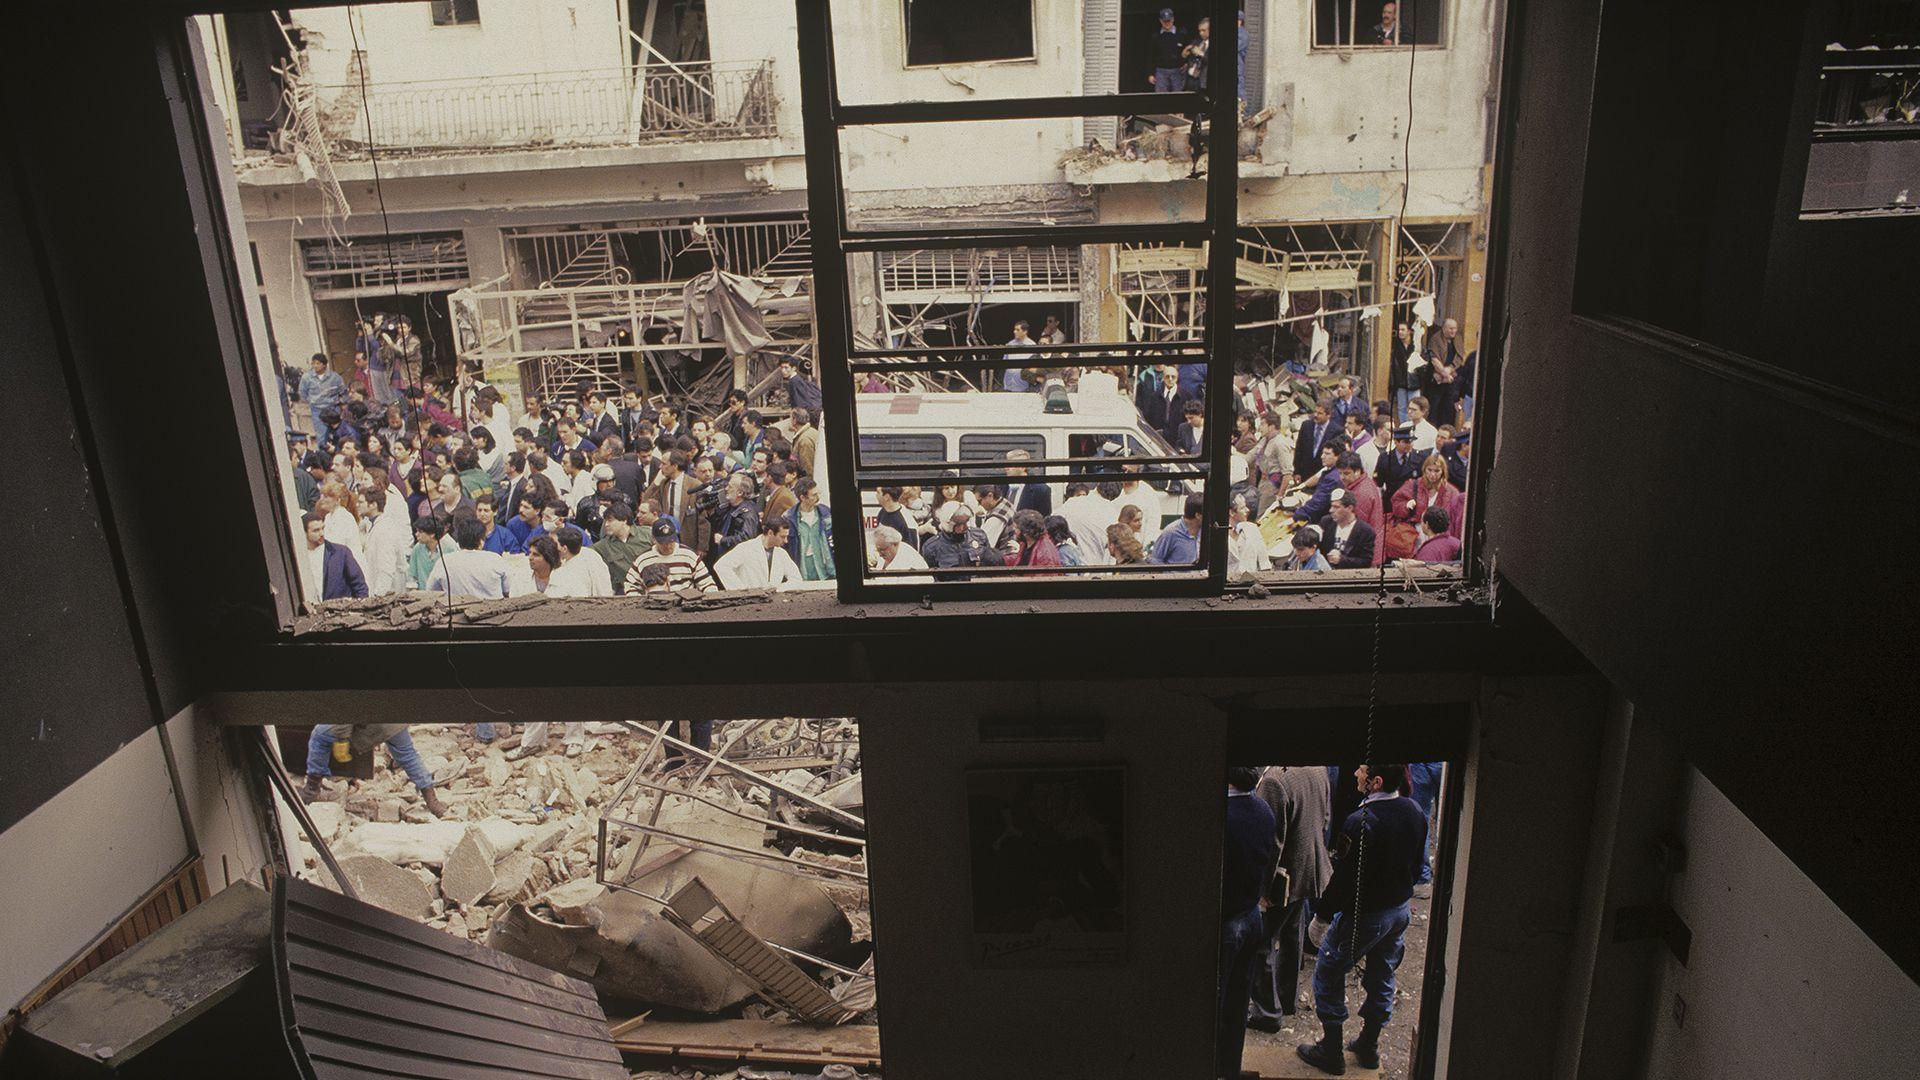 """Quiso subirse a un edificio lindero para fotografiar el desastre desde arriba, pero no lo dejaron porque había riesgo de derrumbe. """"Me pareció que desde adentro de una casa podía aportar un punto de vista distinto"""", consideró el reportero gráfico (Julio Menajovsky)"""